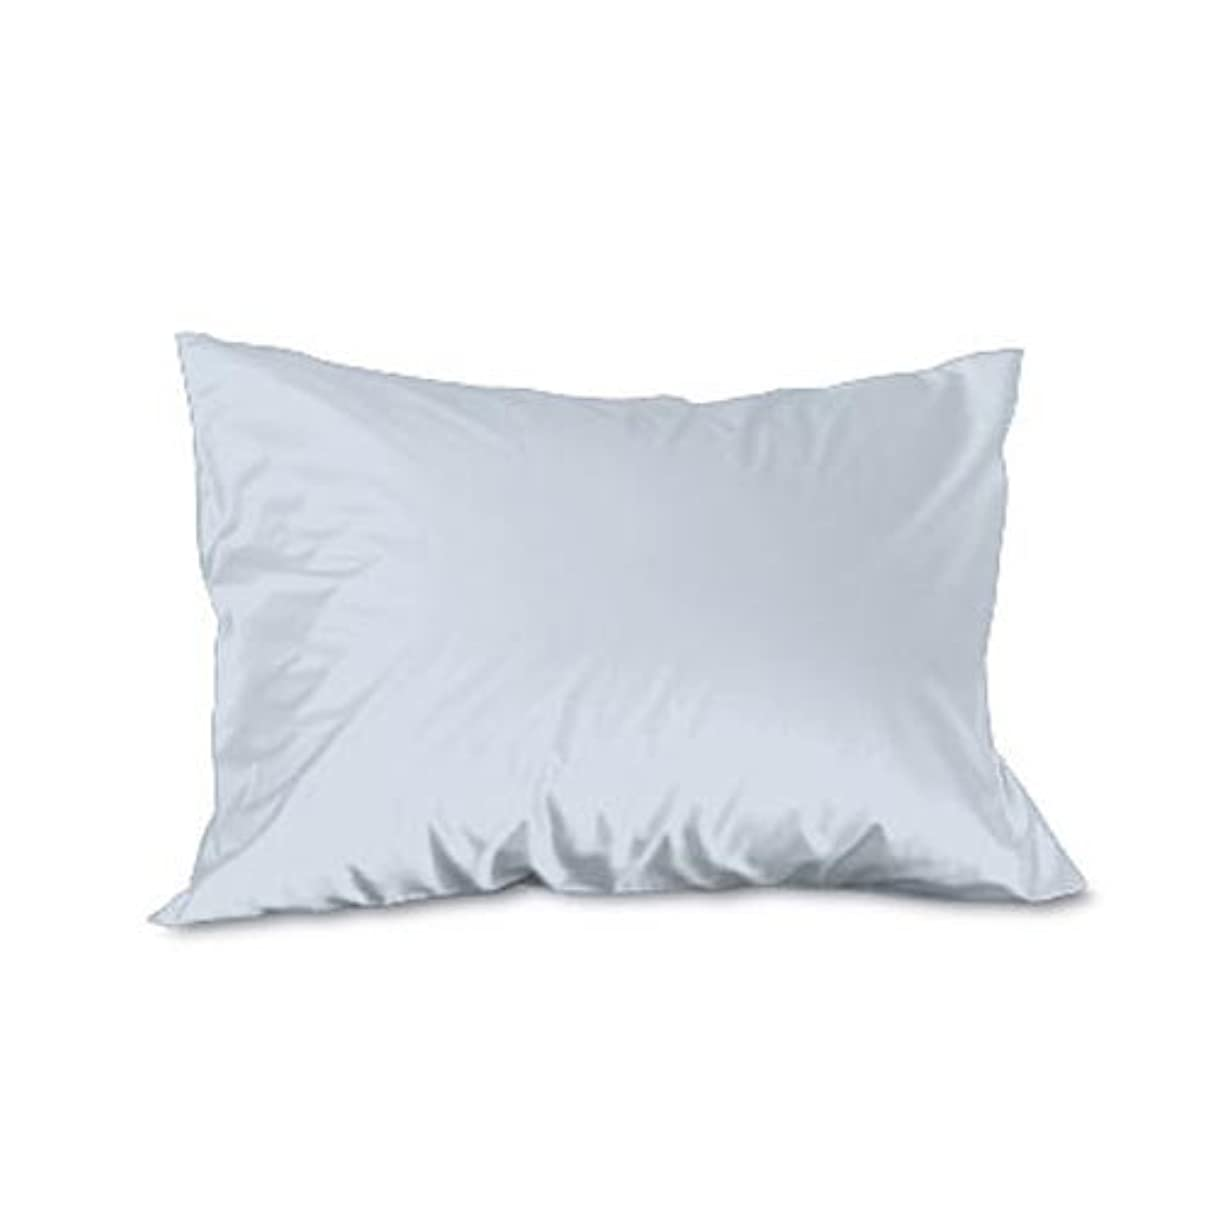 ファランクスシート美徳Fab the Home 枕カバー?ピローケース ブルー 44×86cm ソリッド FH112811-380